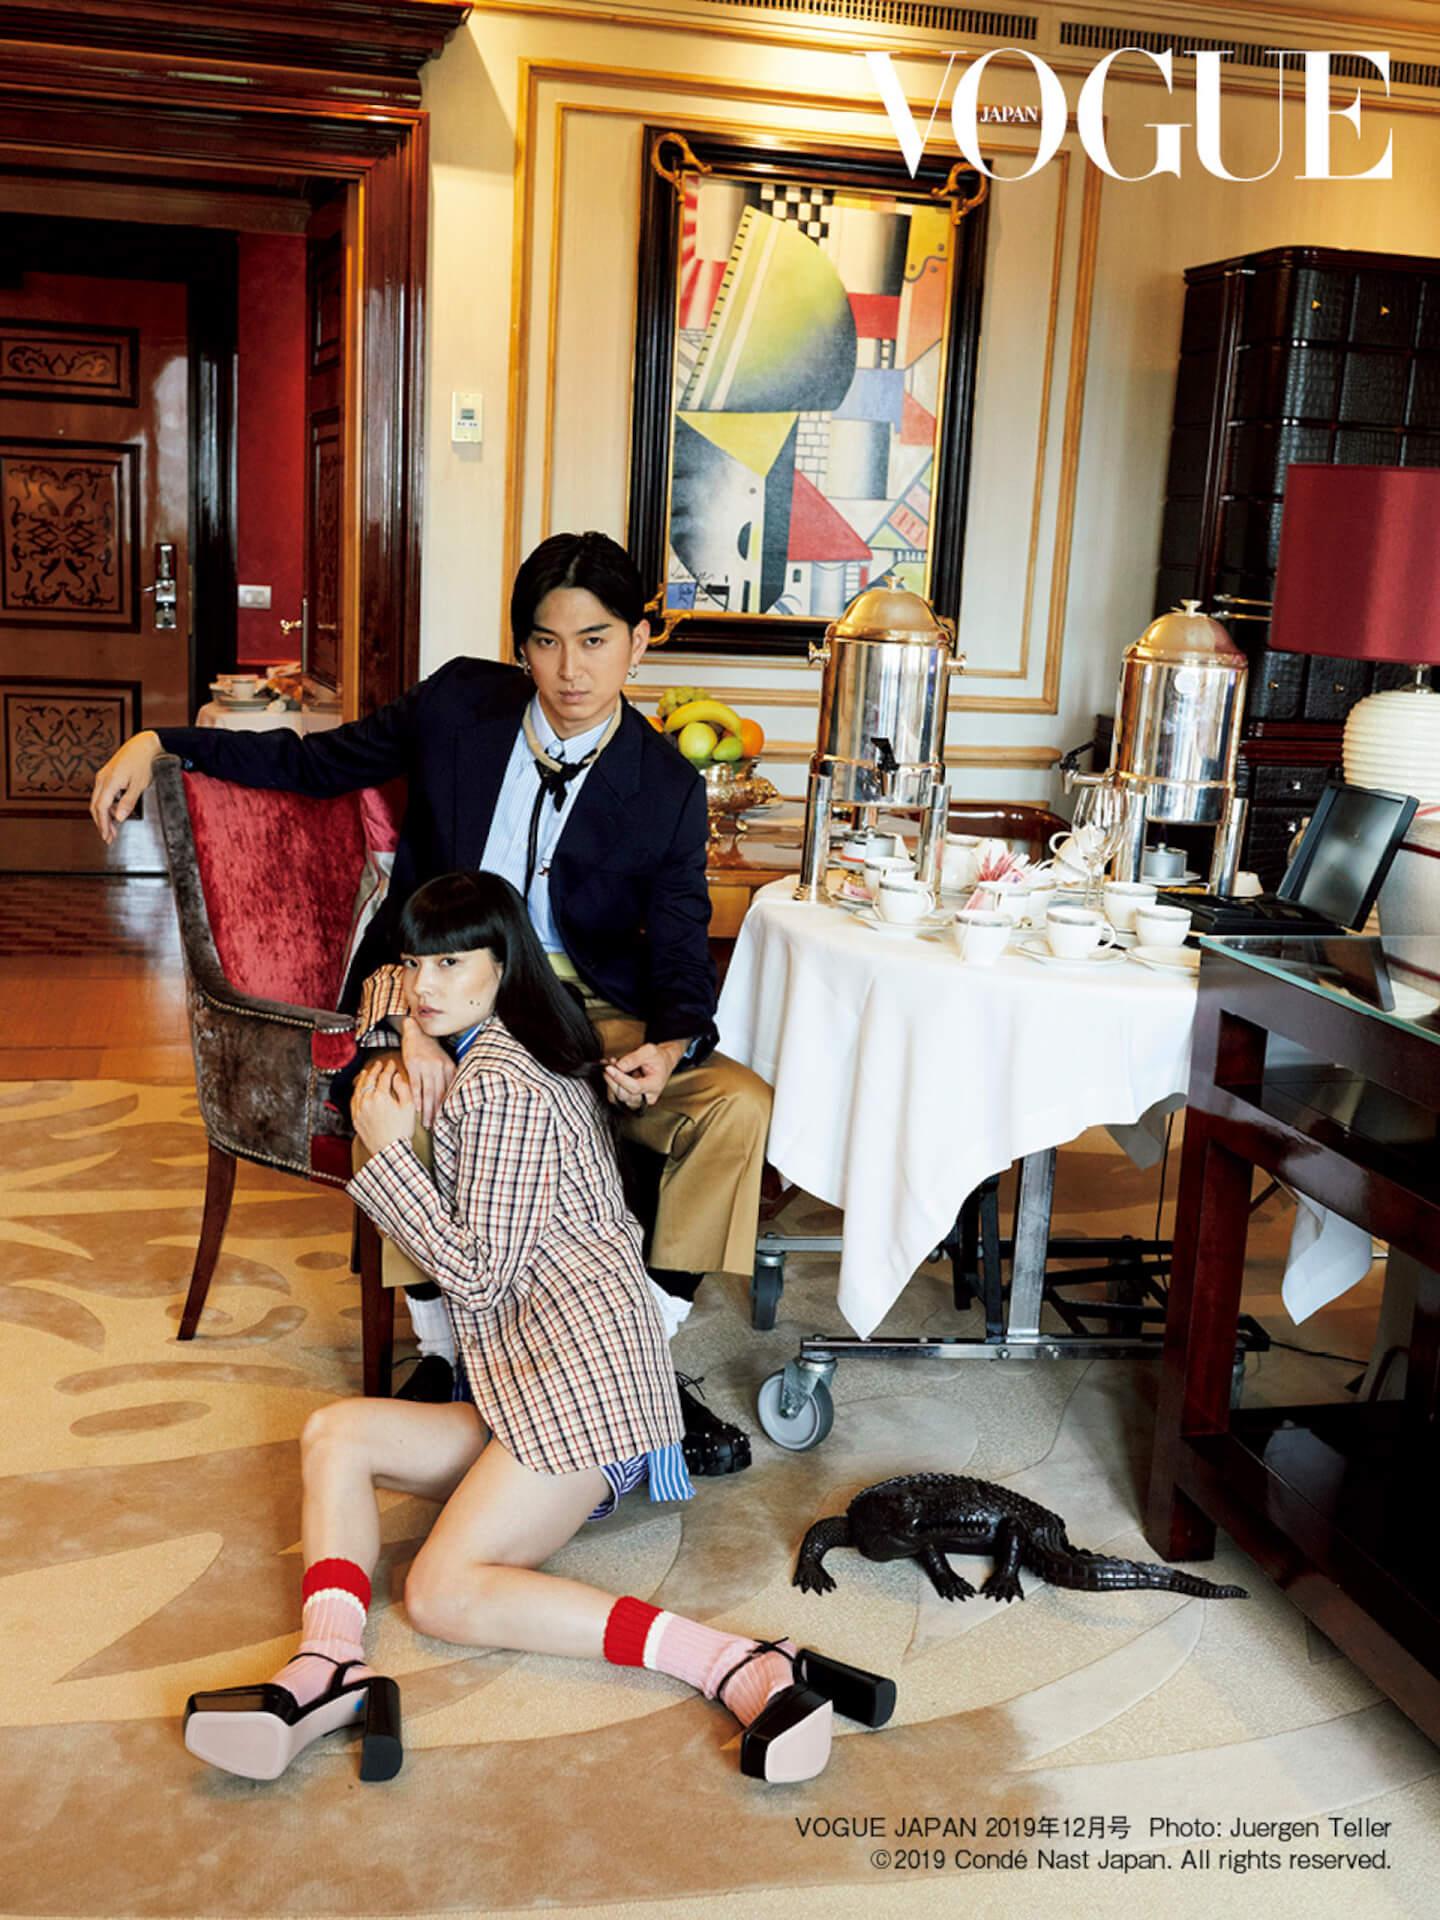 松田翔太&秋元梢夫妻が『VOUGE JAPAN』表紙に初のスペシャルシューティング!独占インタビューも収録 art191021_vogue_couple_2